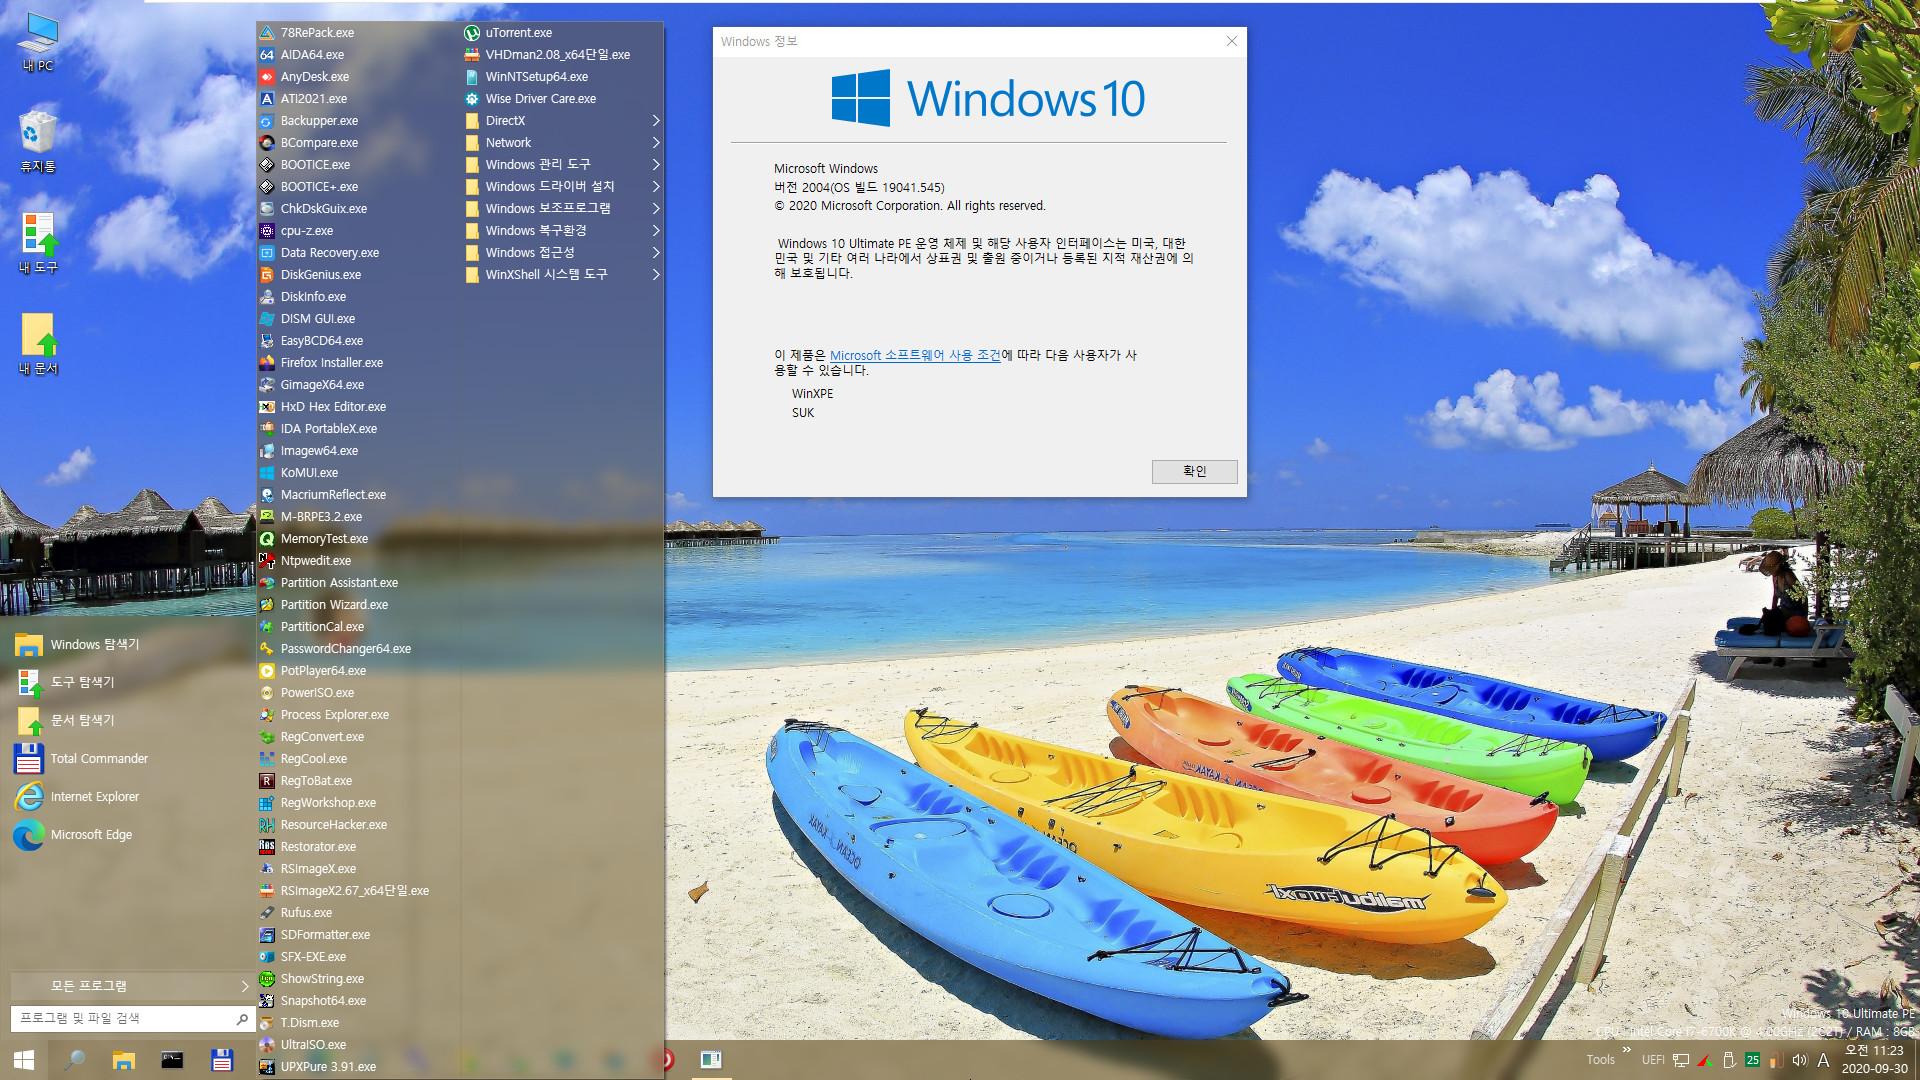 2020-09-30 업데이트 통합 PRO x64 2개 - Windows 10 버전 2004 + 버전 20H2 누적 업데이트 KB4577063 (OS 빌드 19041.545 + 19042.545) - PE 만들기 테스트 2020-09-30_112317.jpg